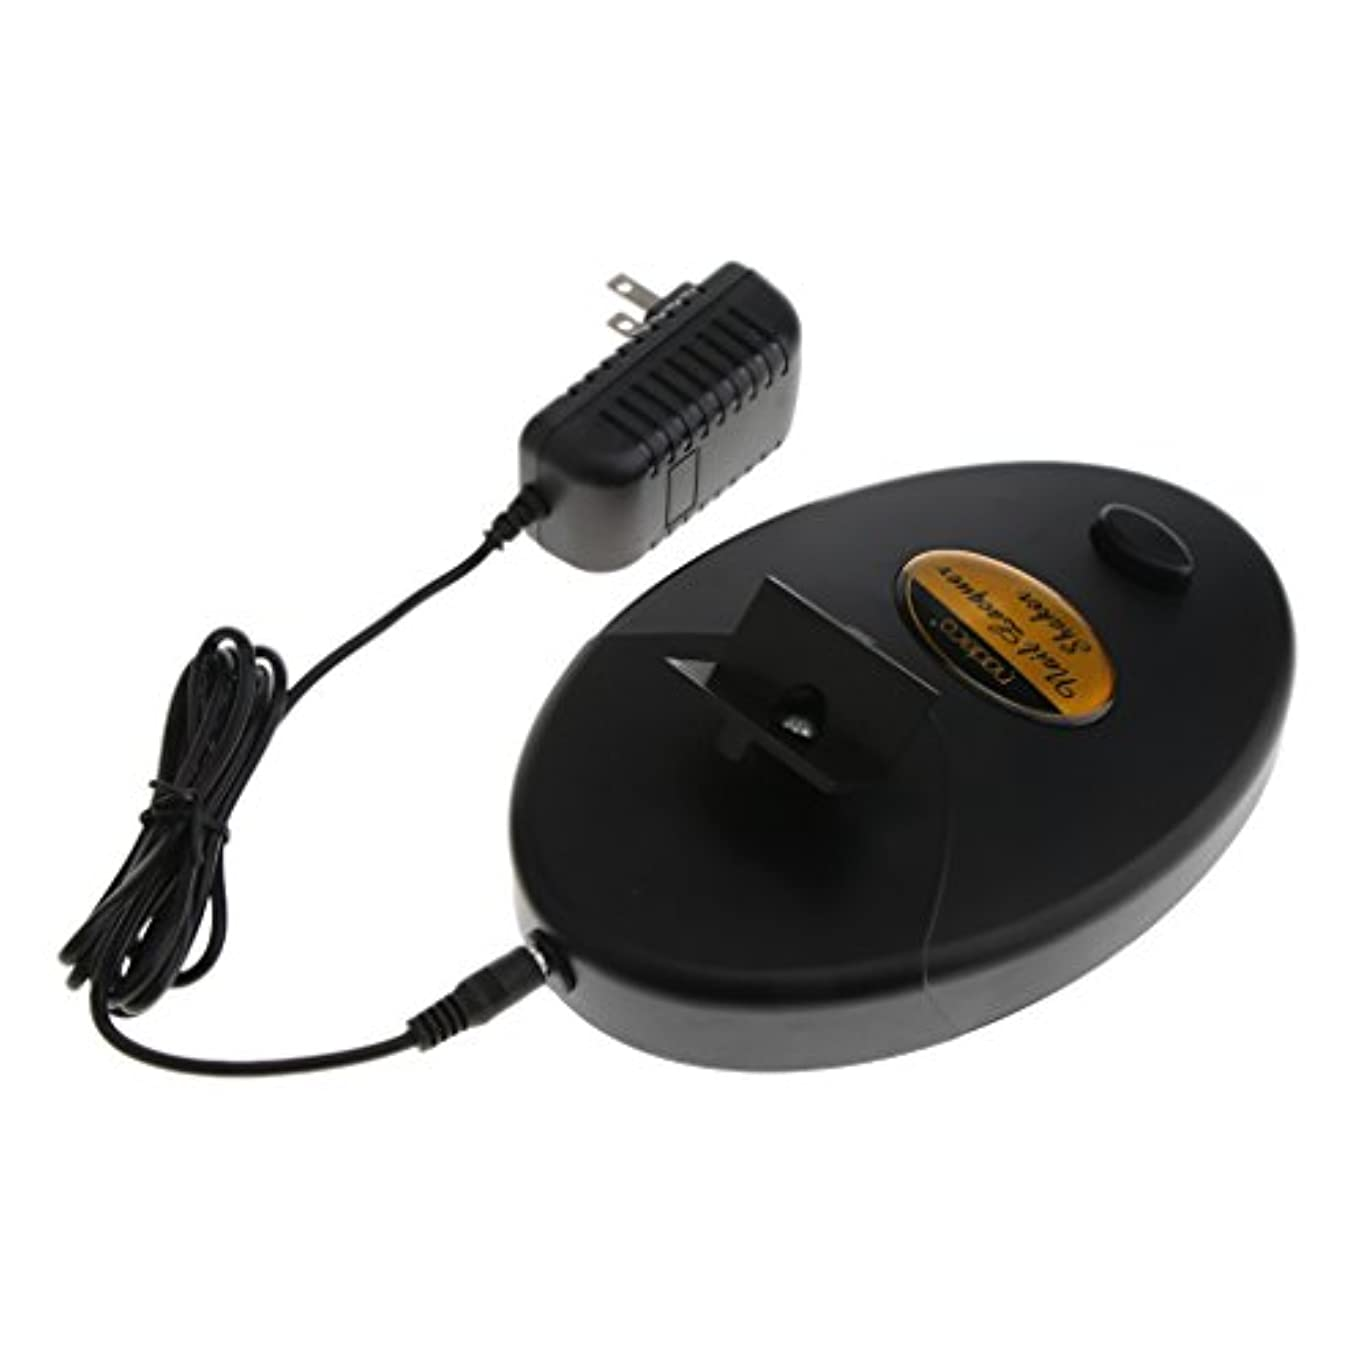 テレビ人気の反射ネイルラッカーシェーカー 調整可能 ネイルマシン 全2色 - ブラック